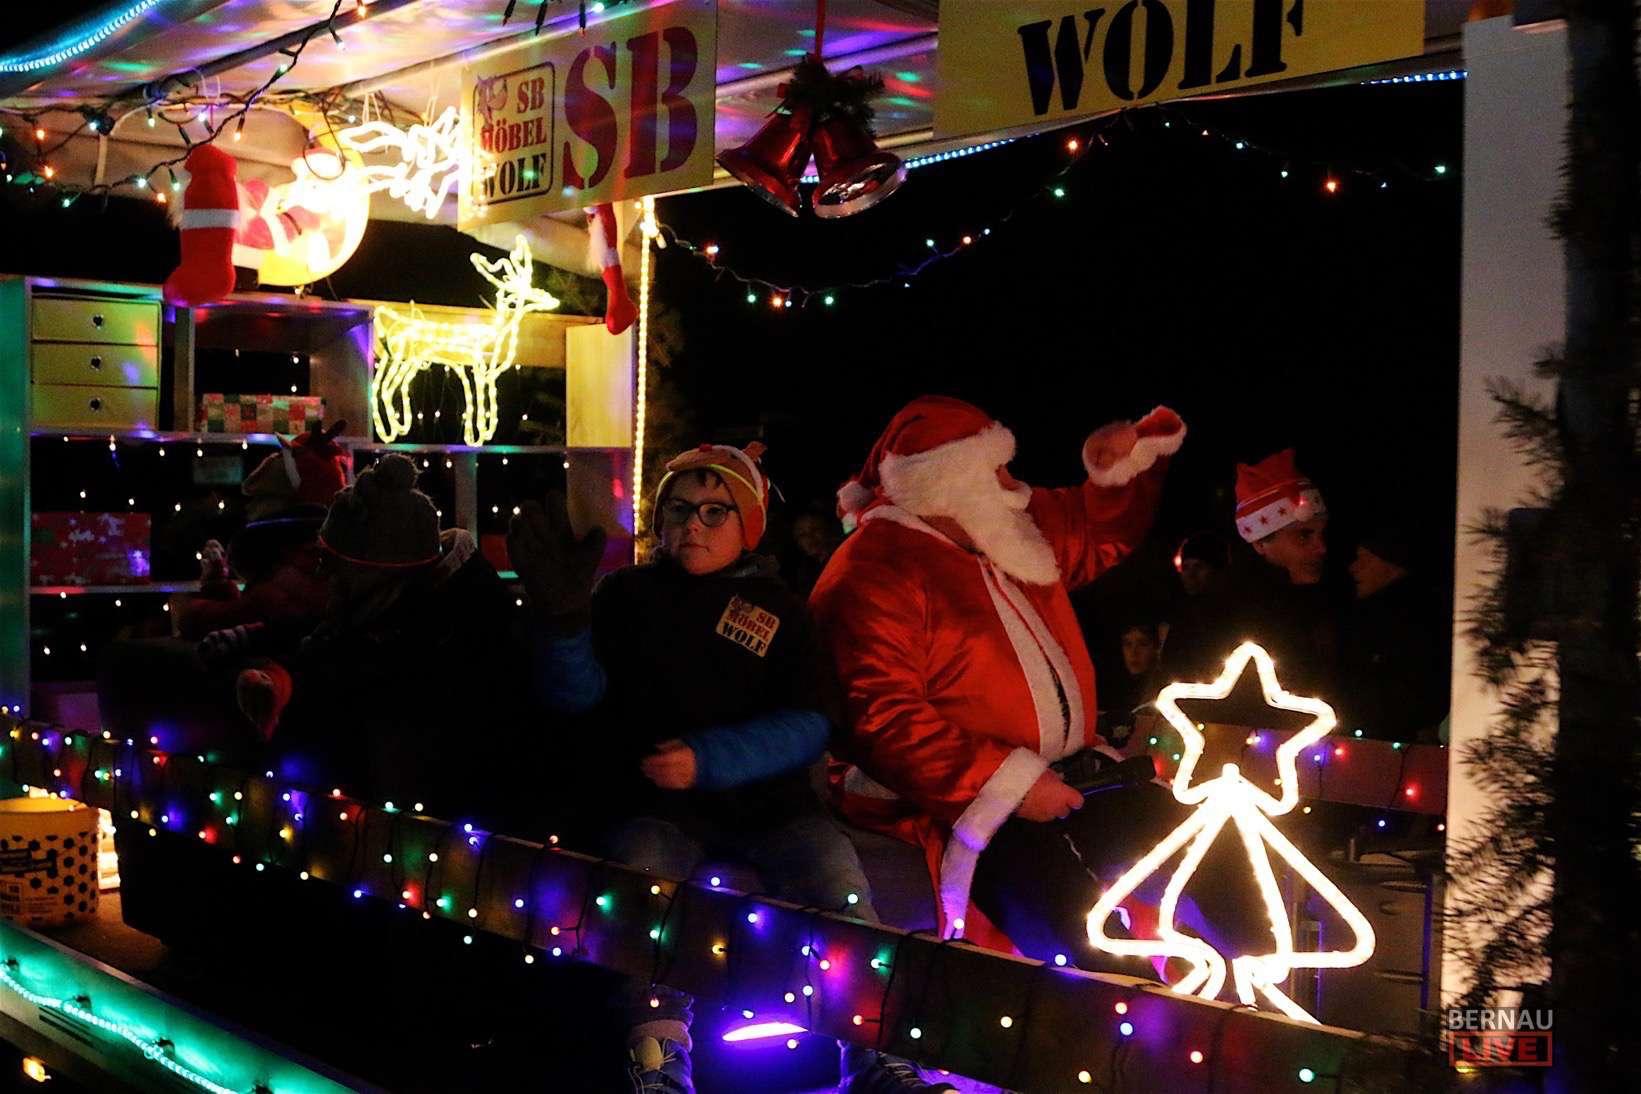 Nachtrag: Weihnachtsparade Zepernick - 4K Video und Bilder online ...